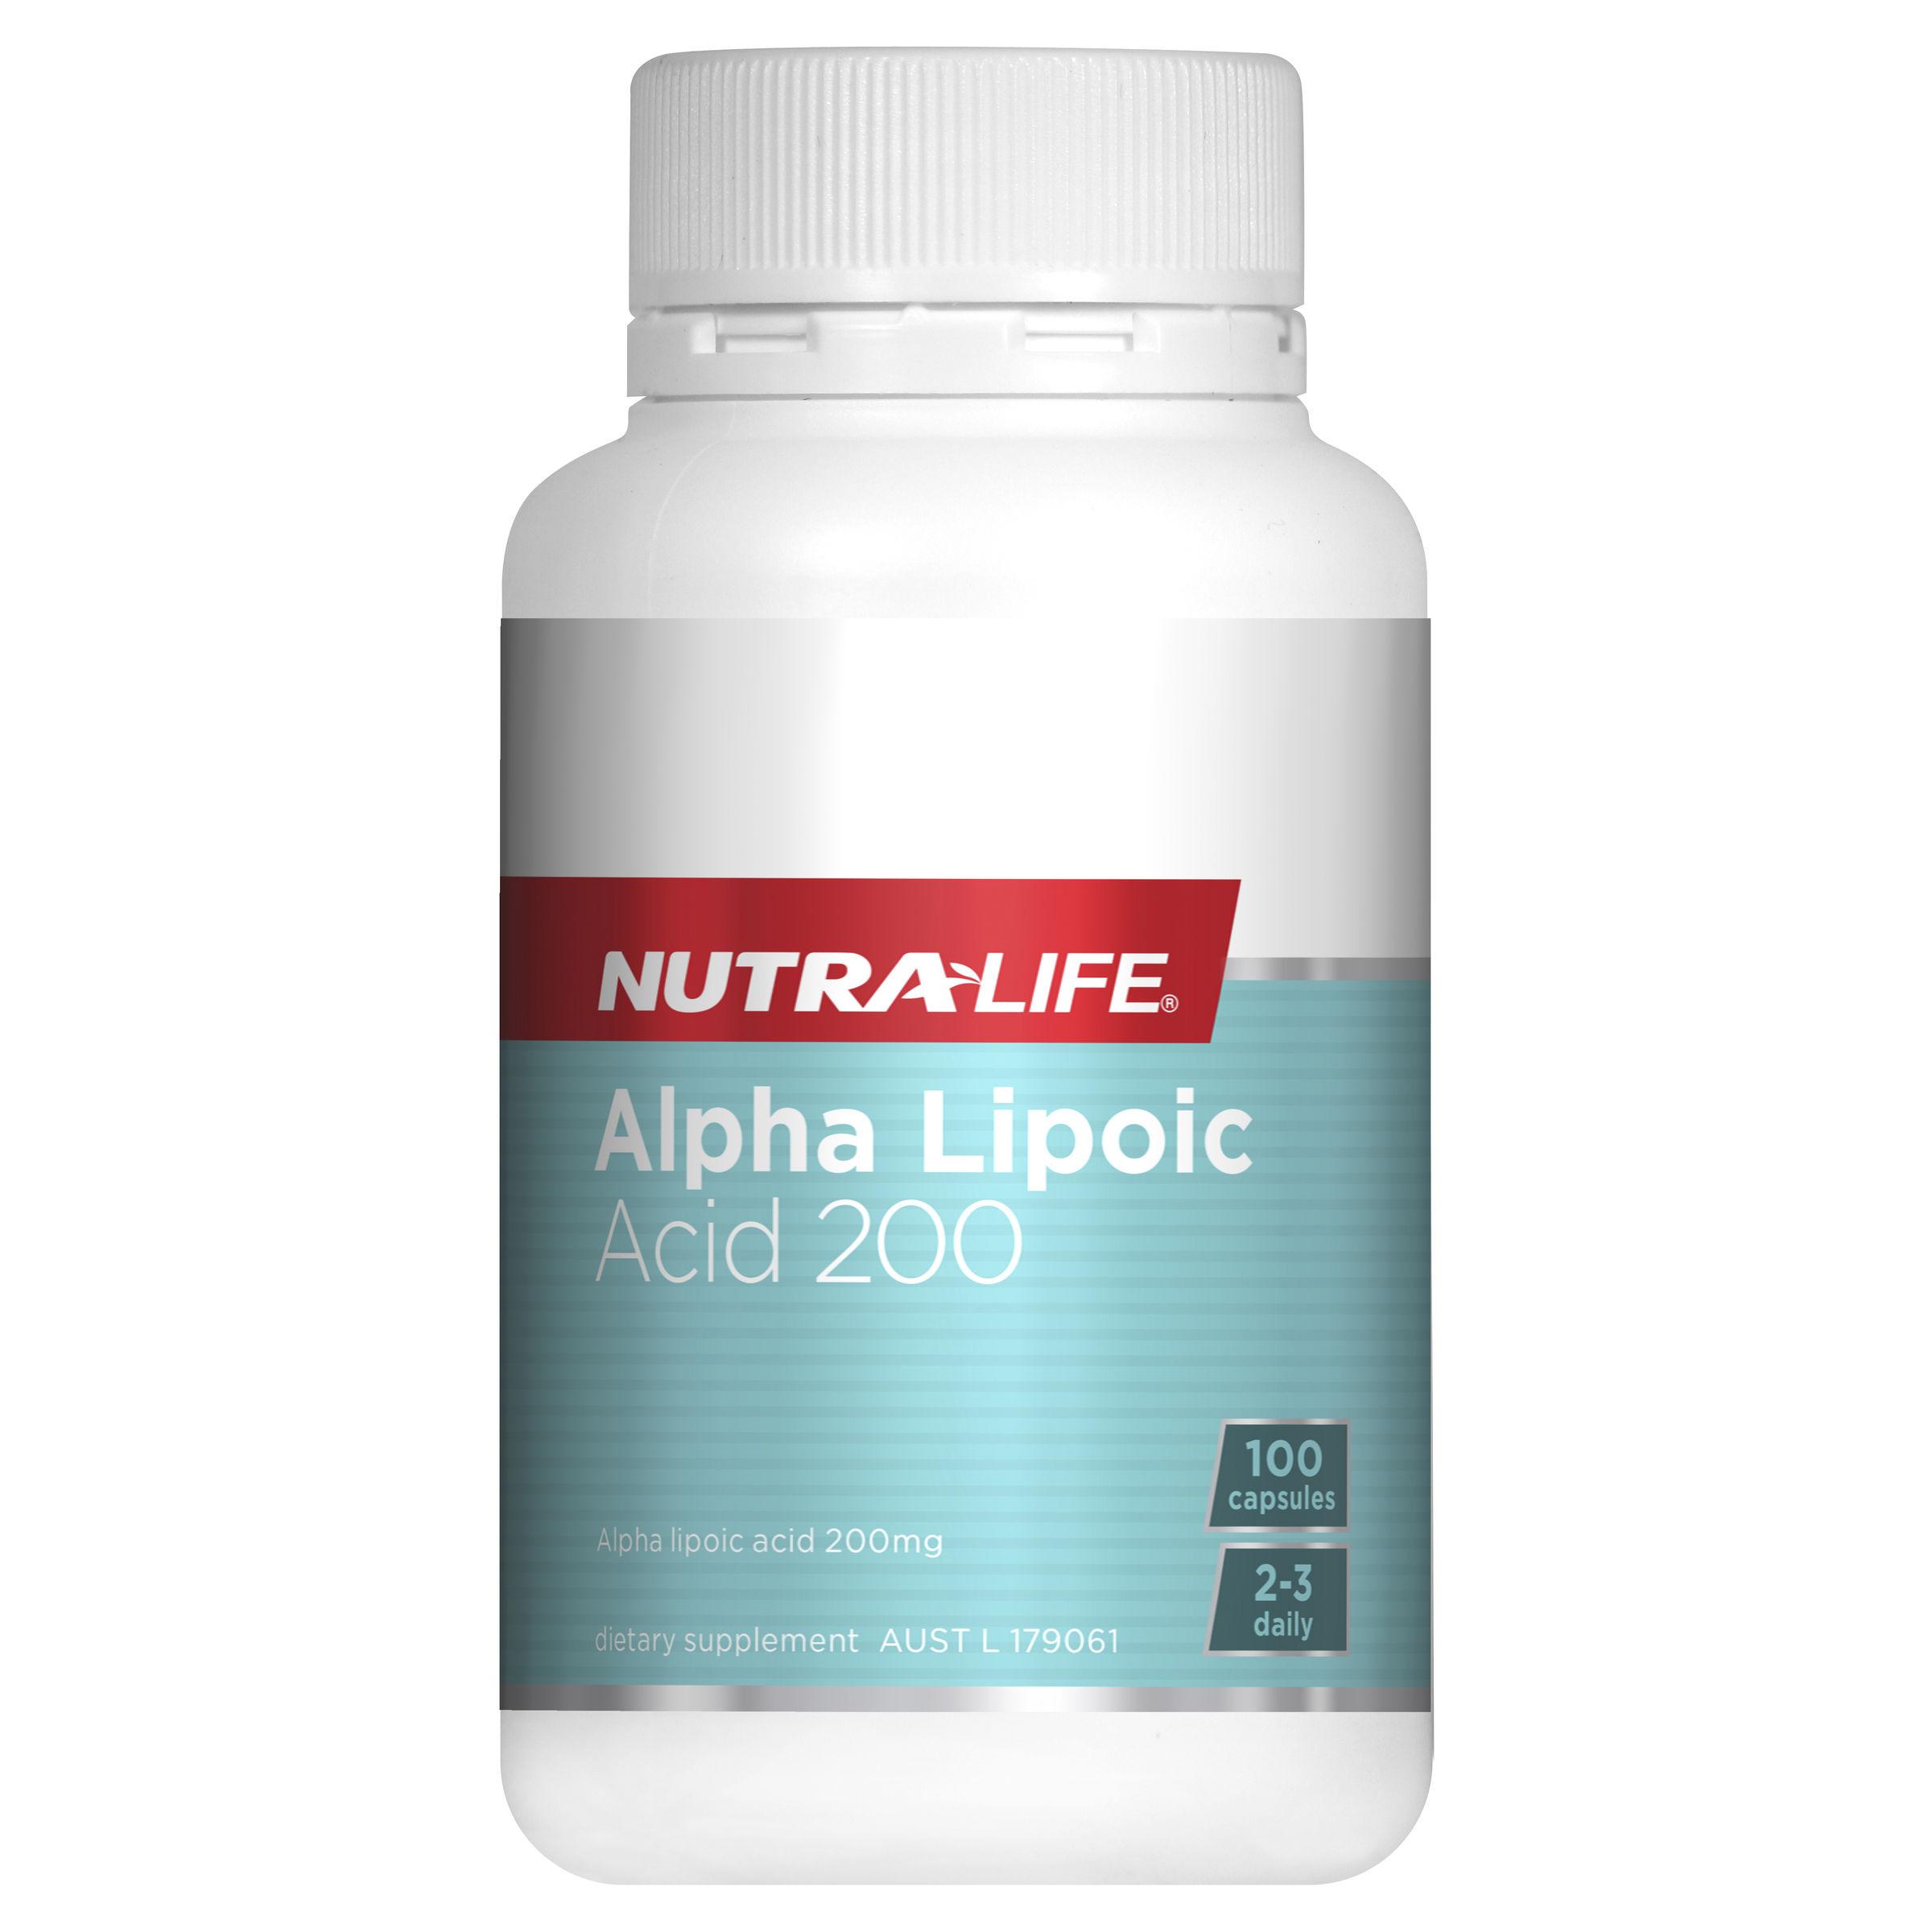 NUTRALIFE ALPHA LIPIC ACID 200 100CAP